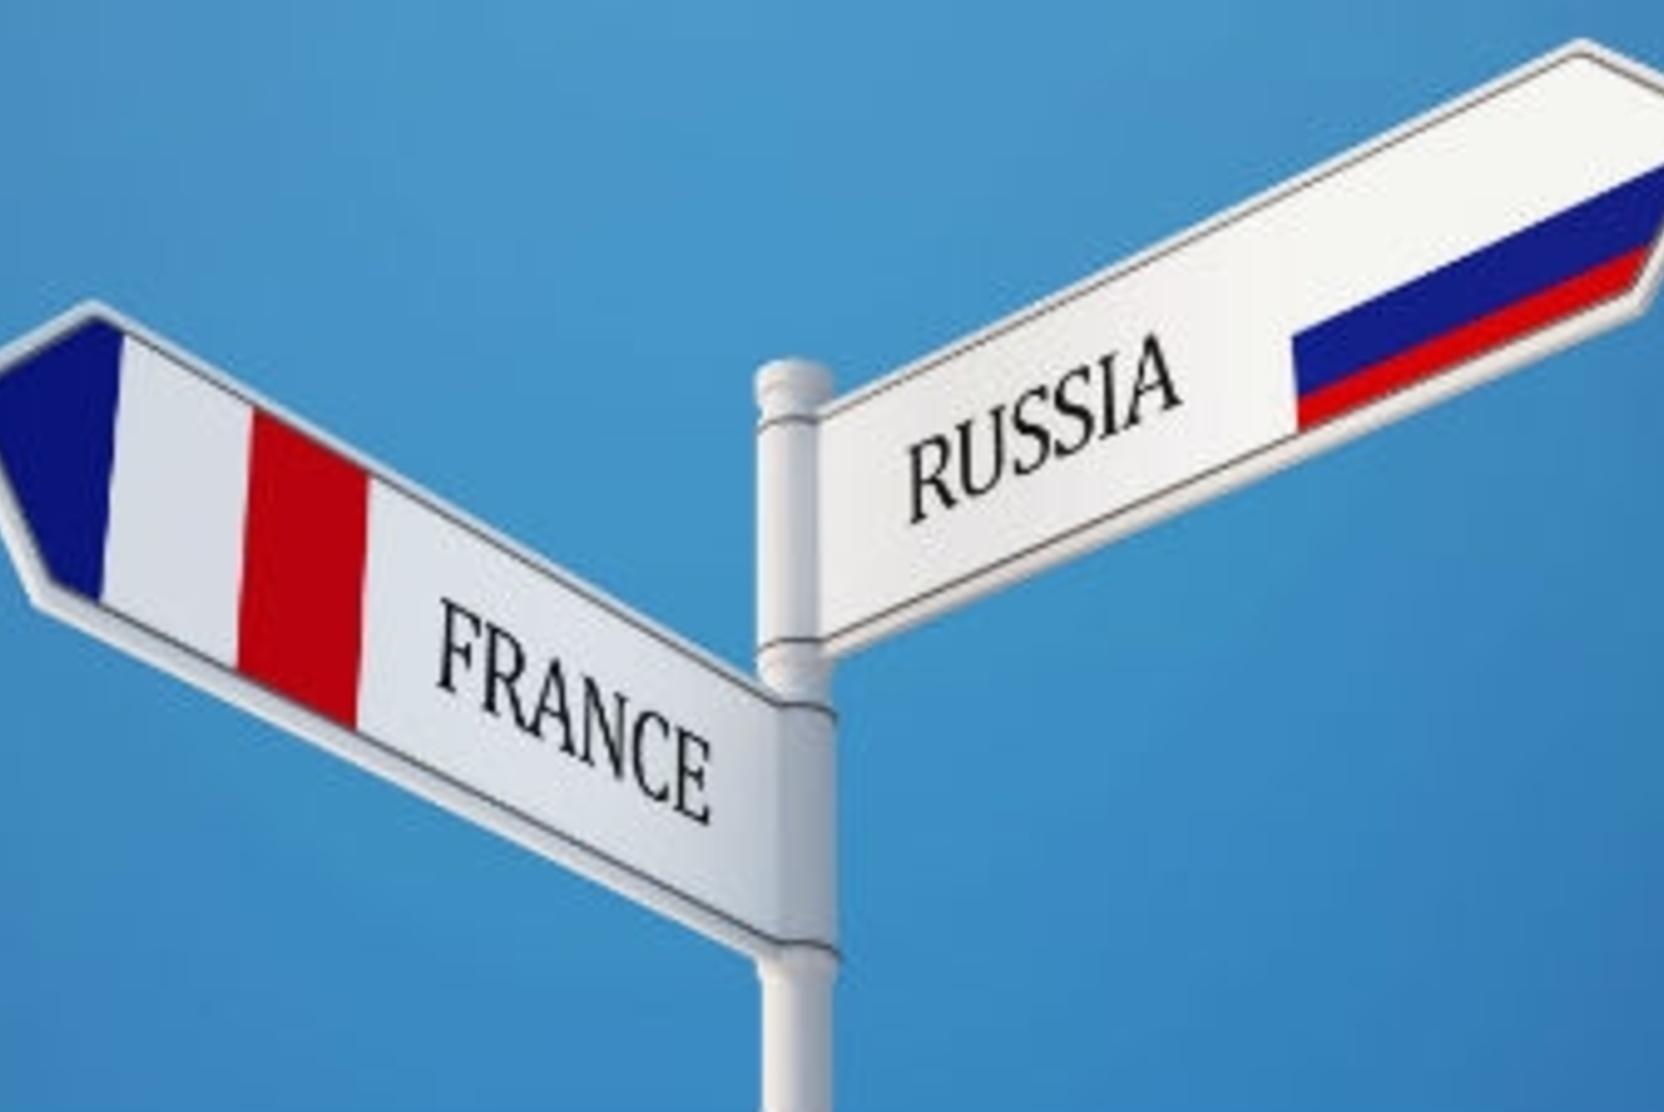 СМИ узнали о тайной высылке дипломатов РФ и Франции в 2020 году